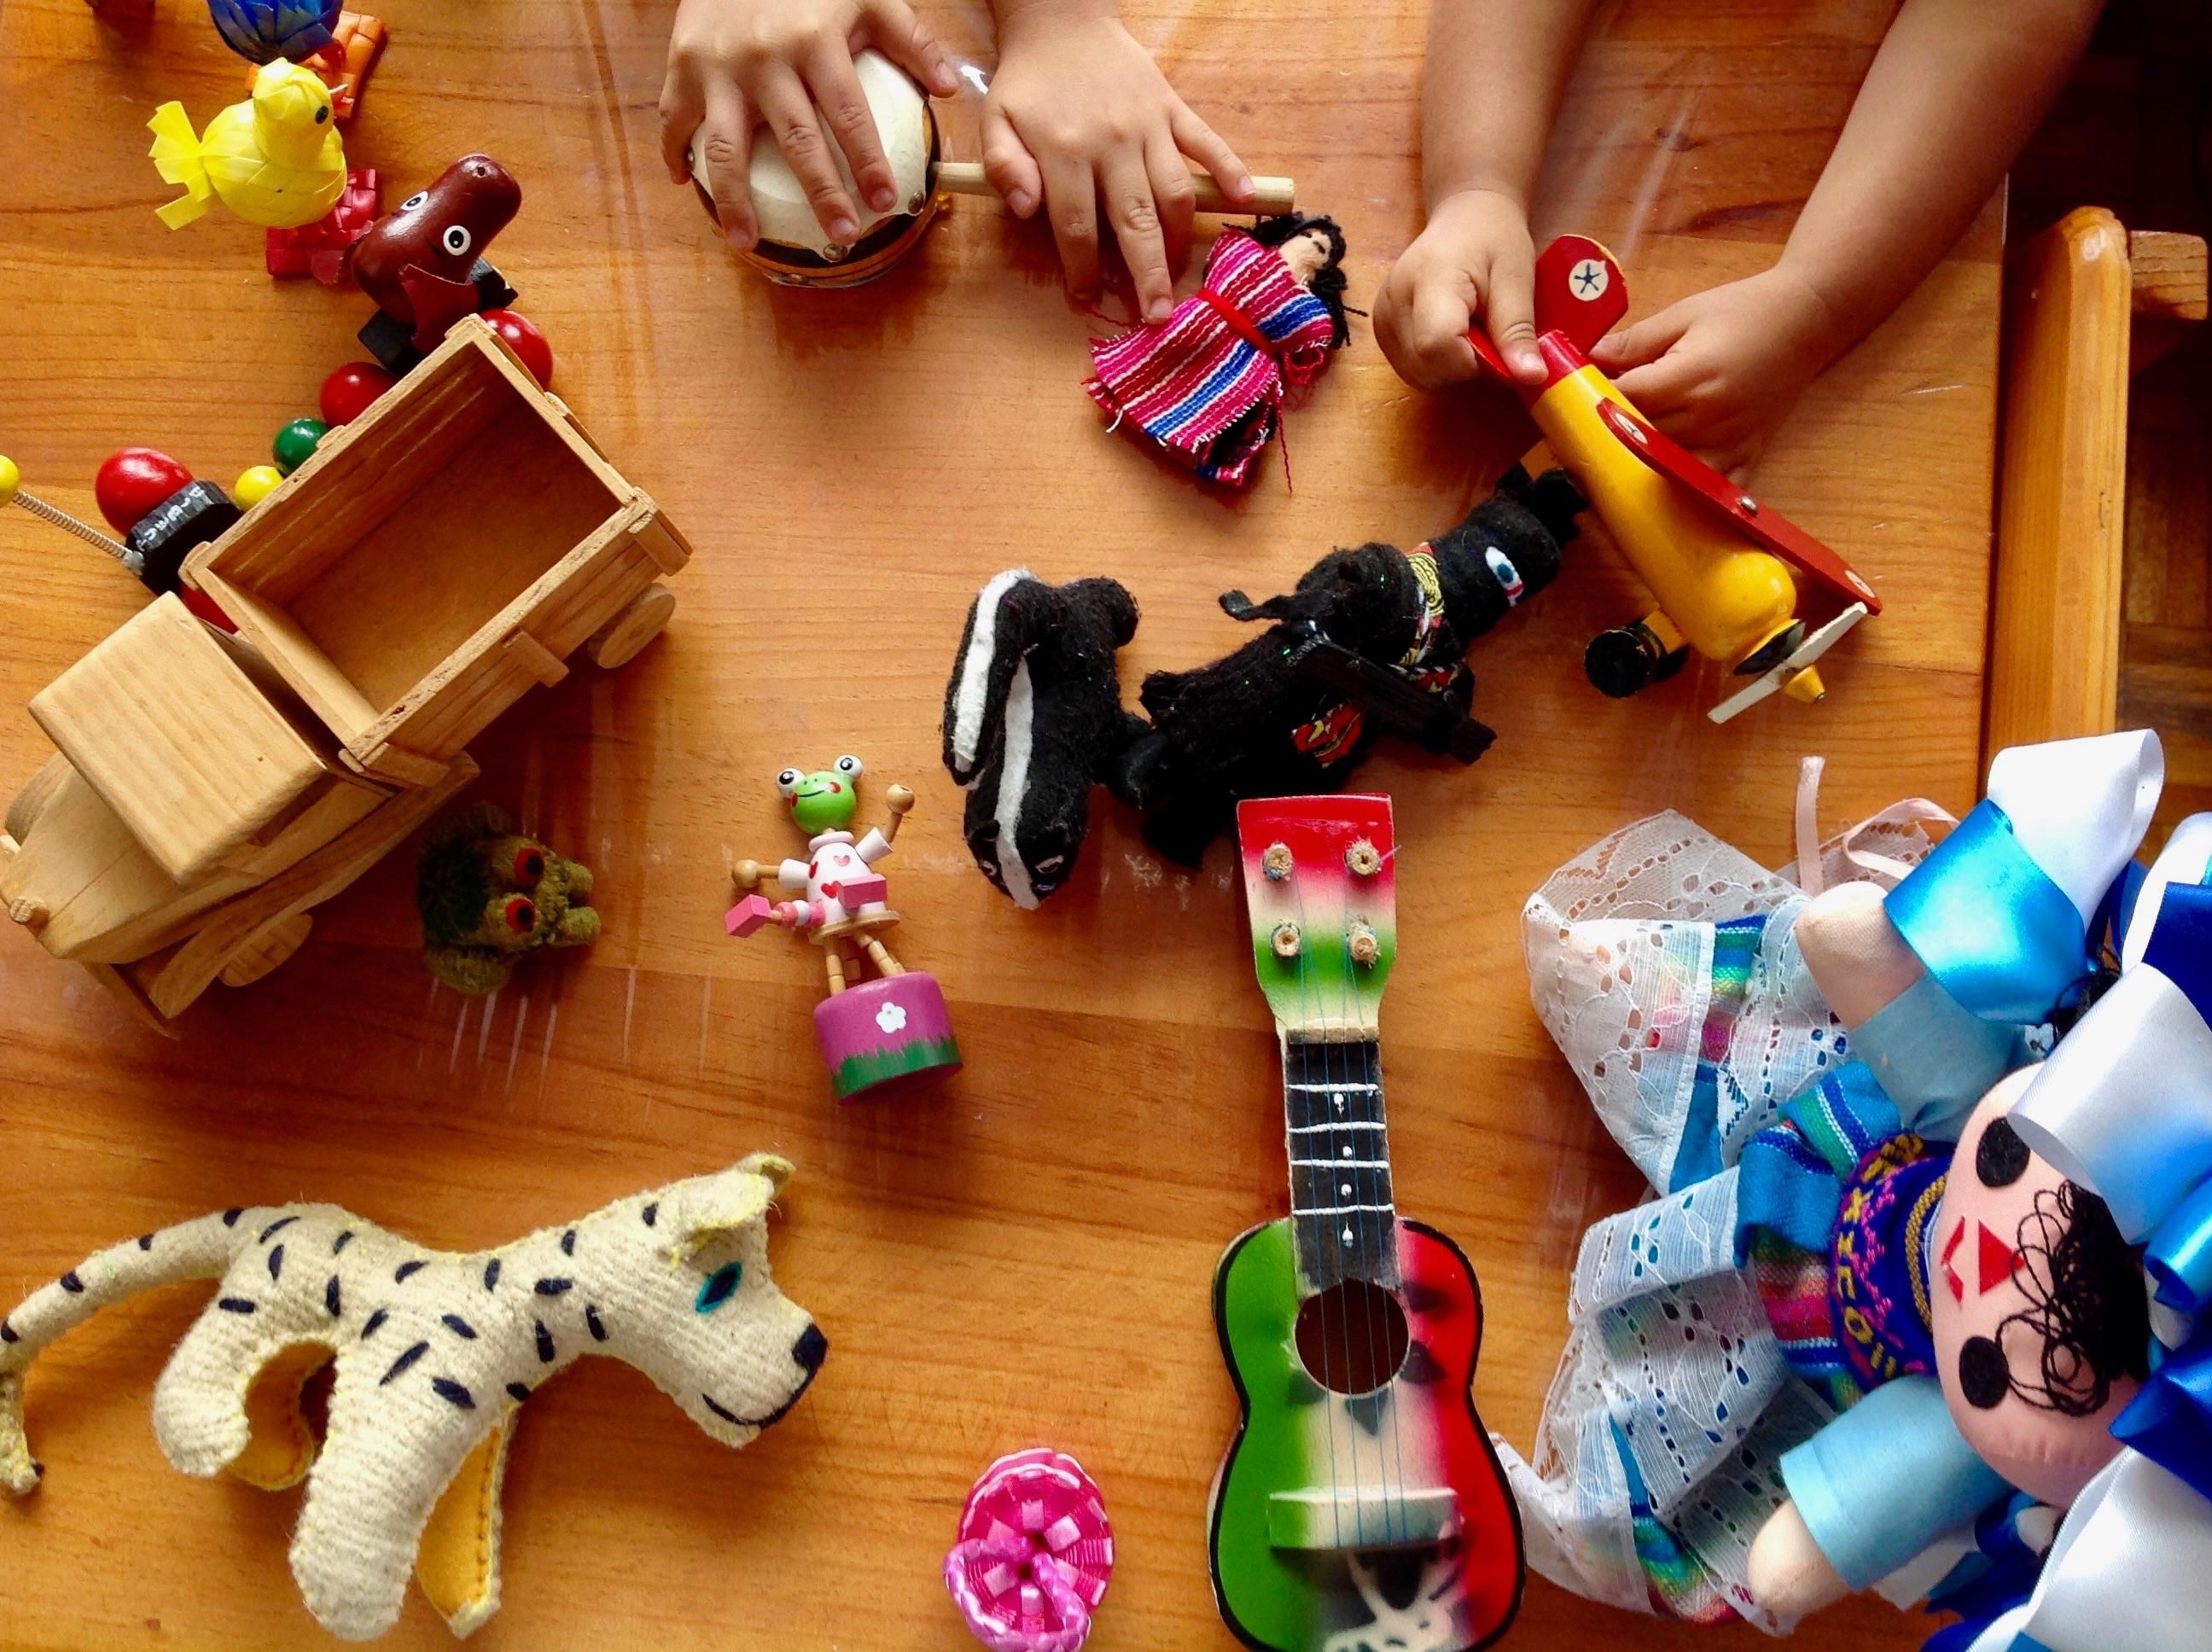 Intervenția timpurie: Utilizarea intereselor copilului în predarea abilităților